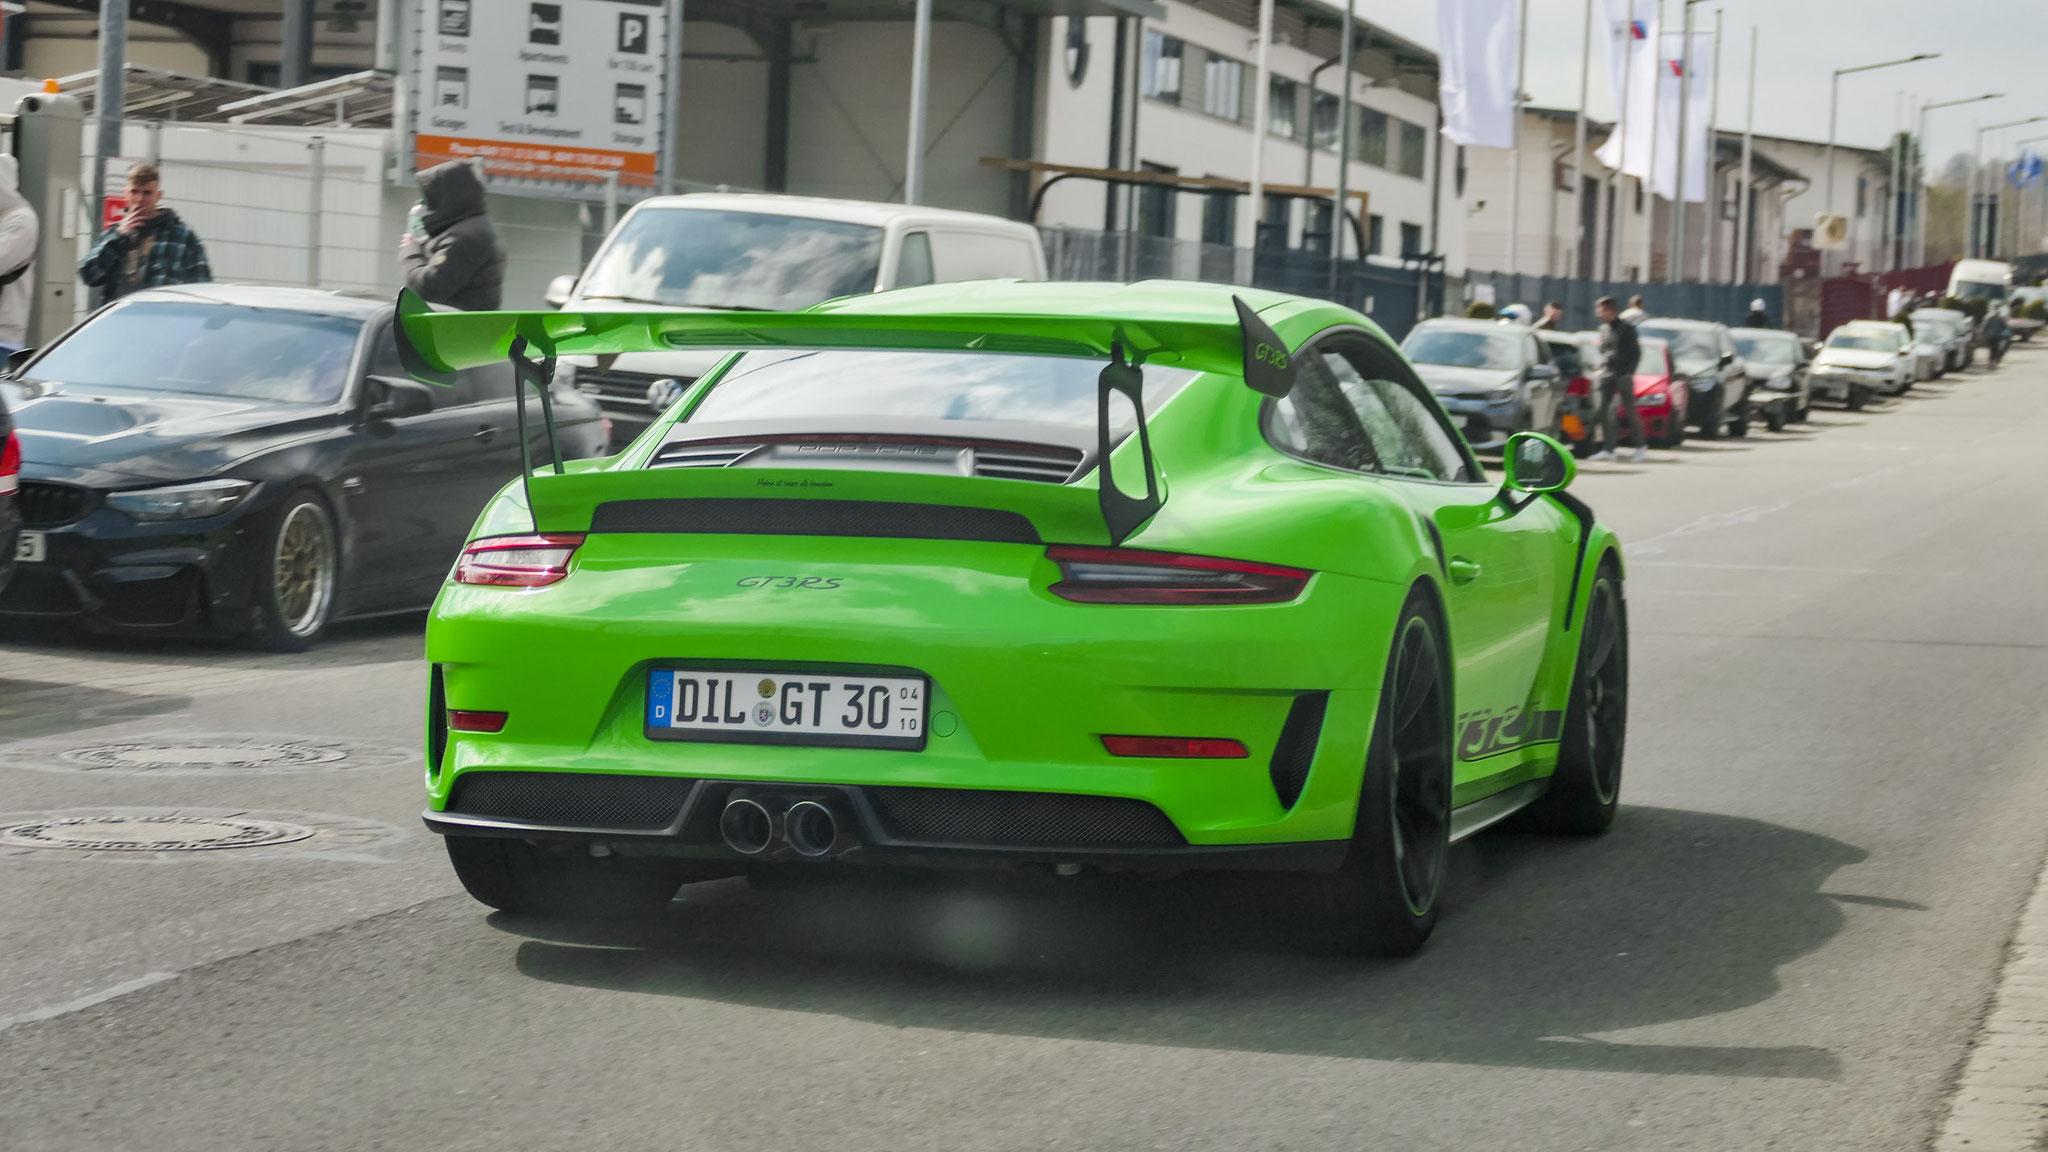 Porsche 911 991.2 GT3 RS - DIL-GT-30